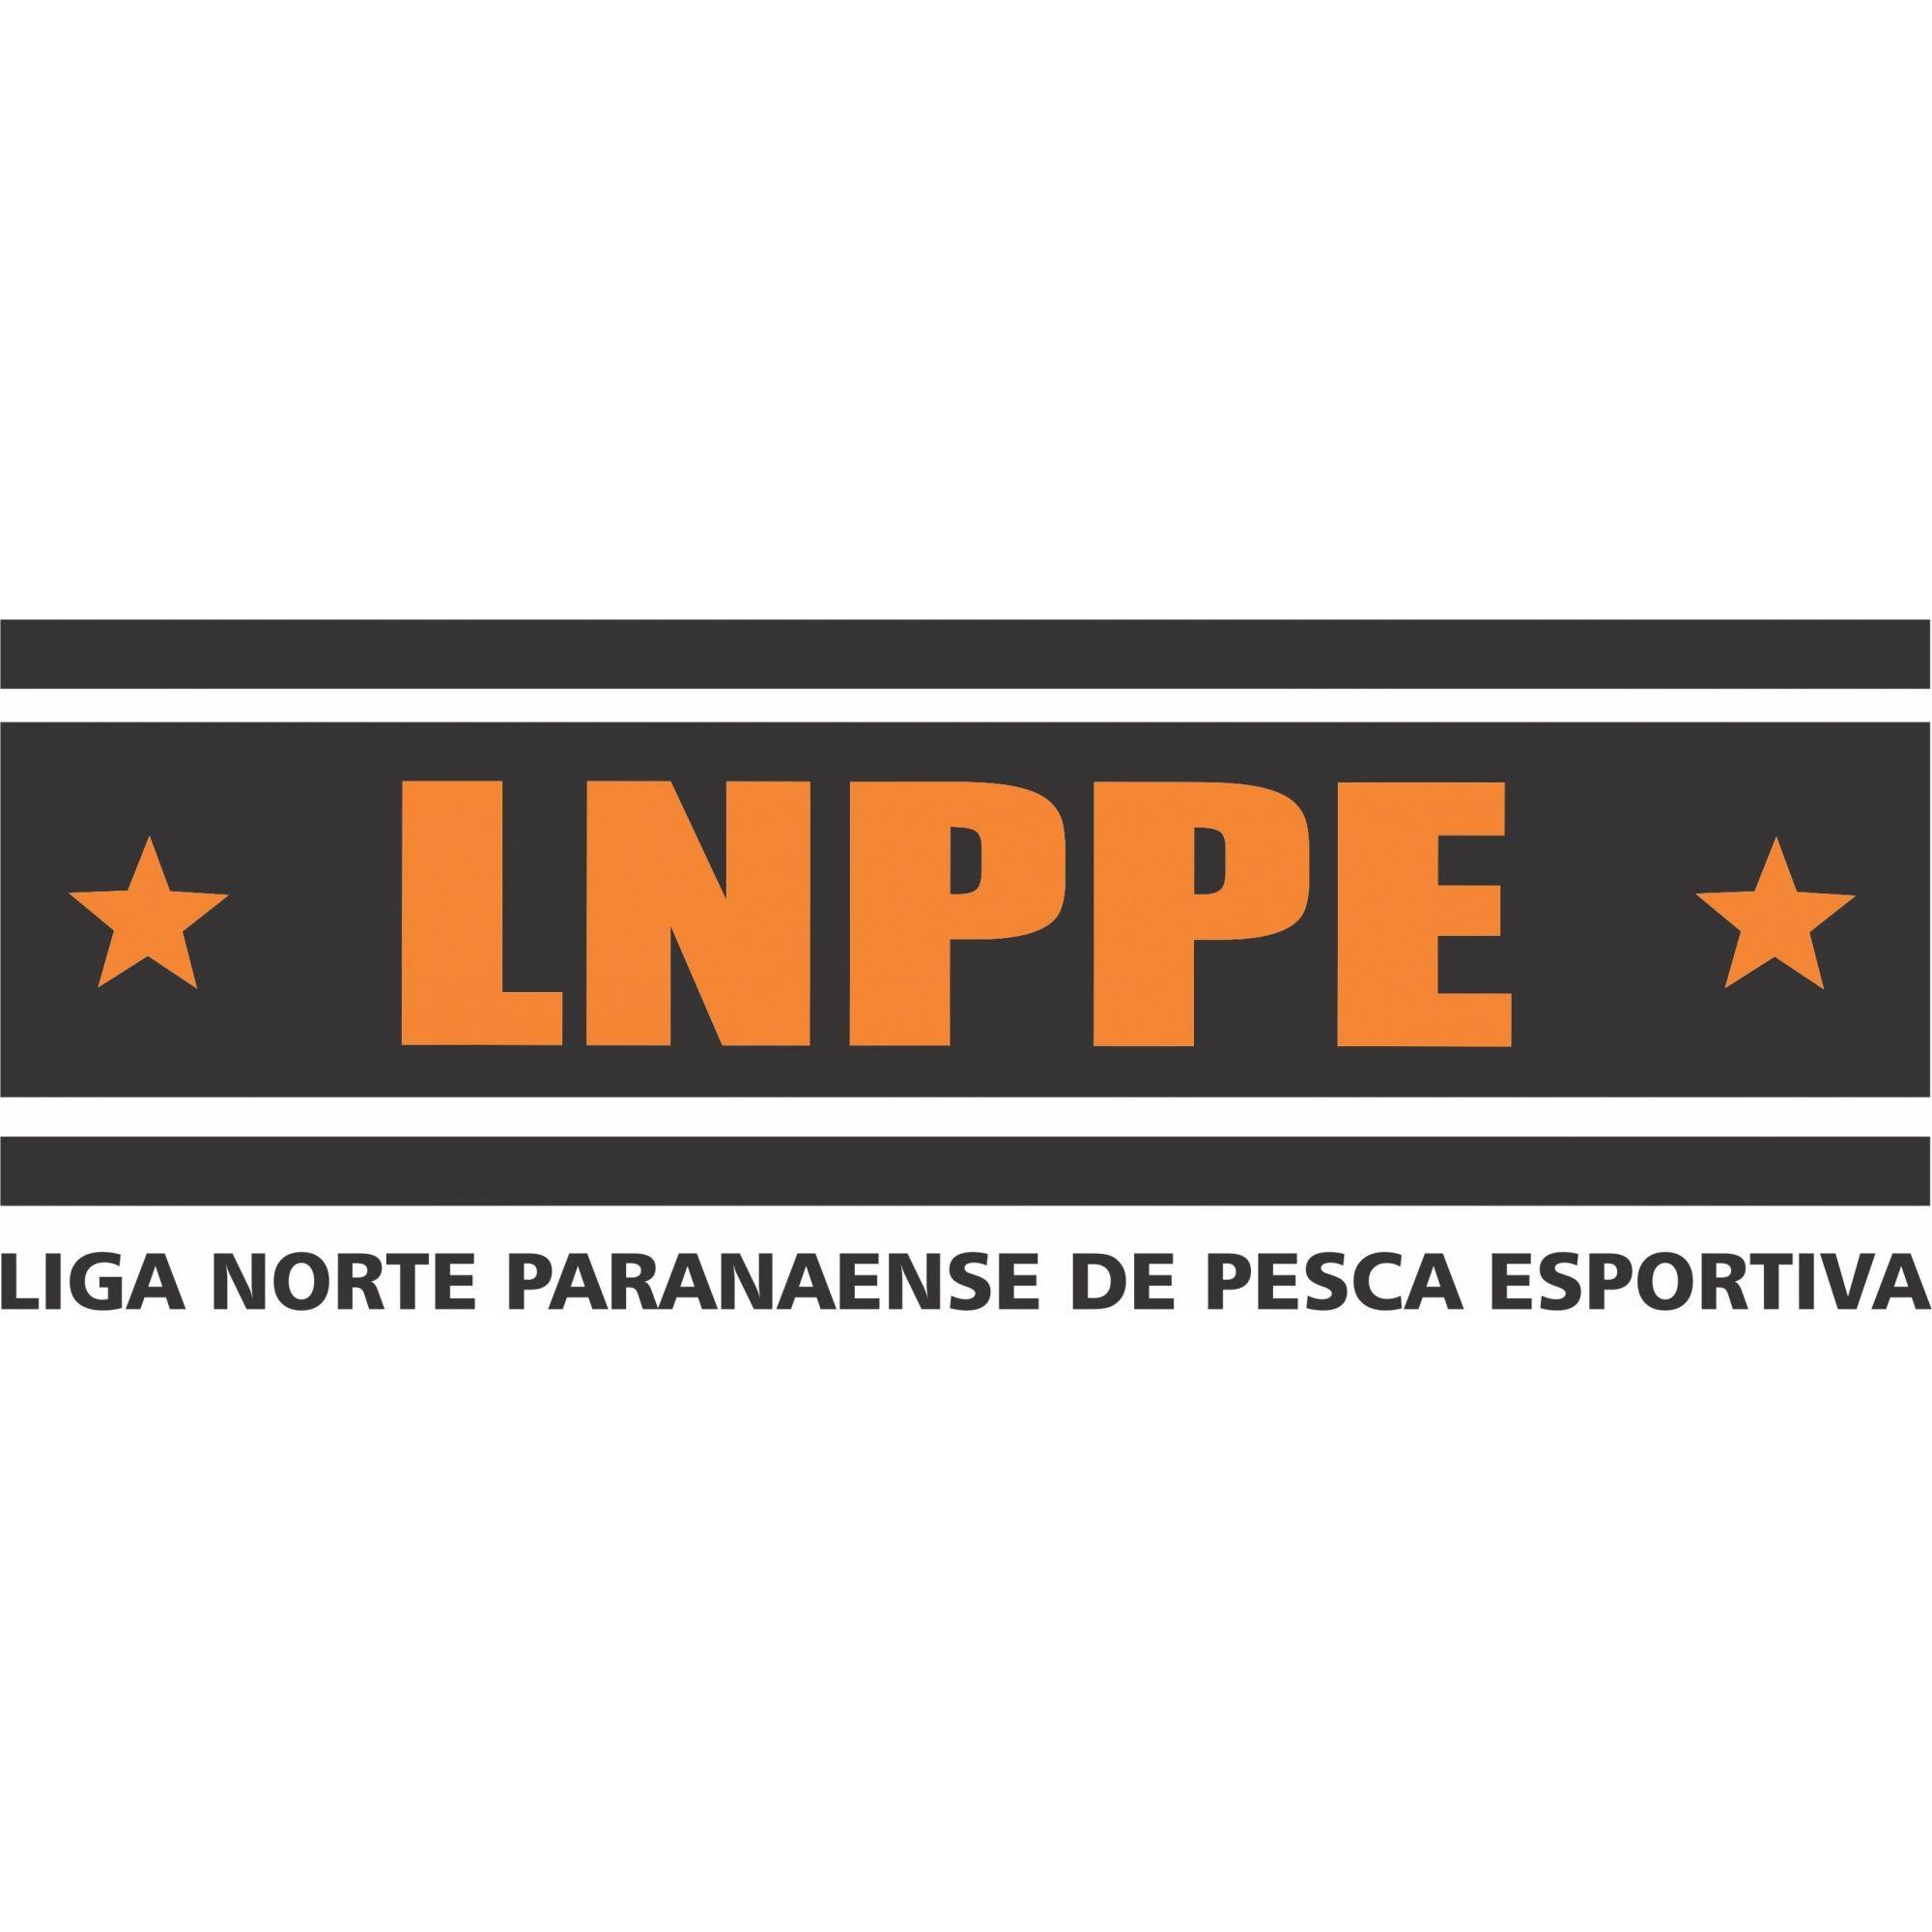 Inscrição Anual Campeonato de Pesca Esportiva LNPPE 2018